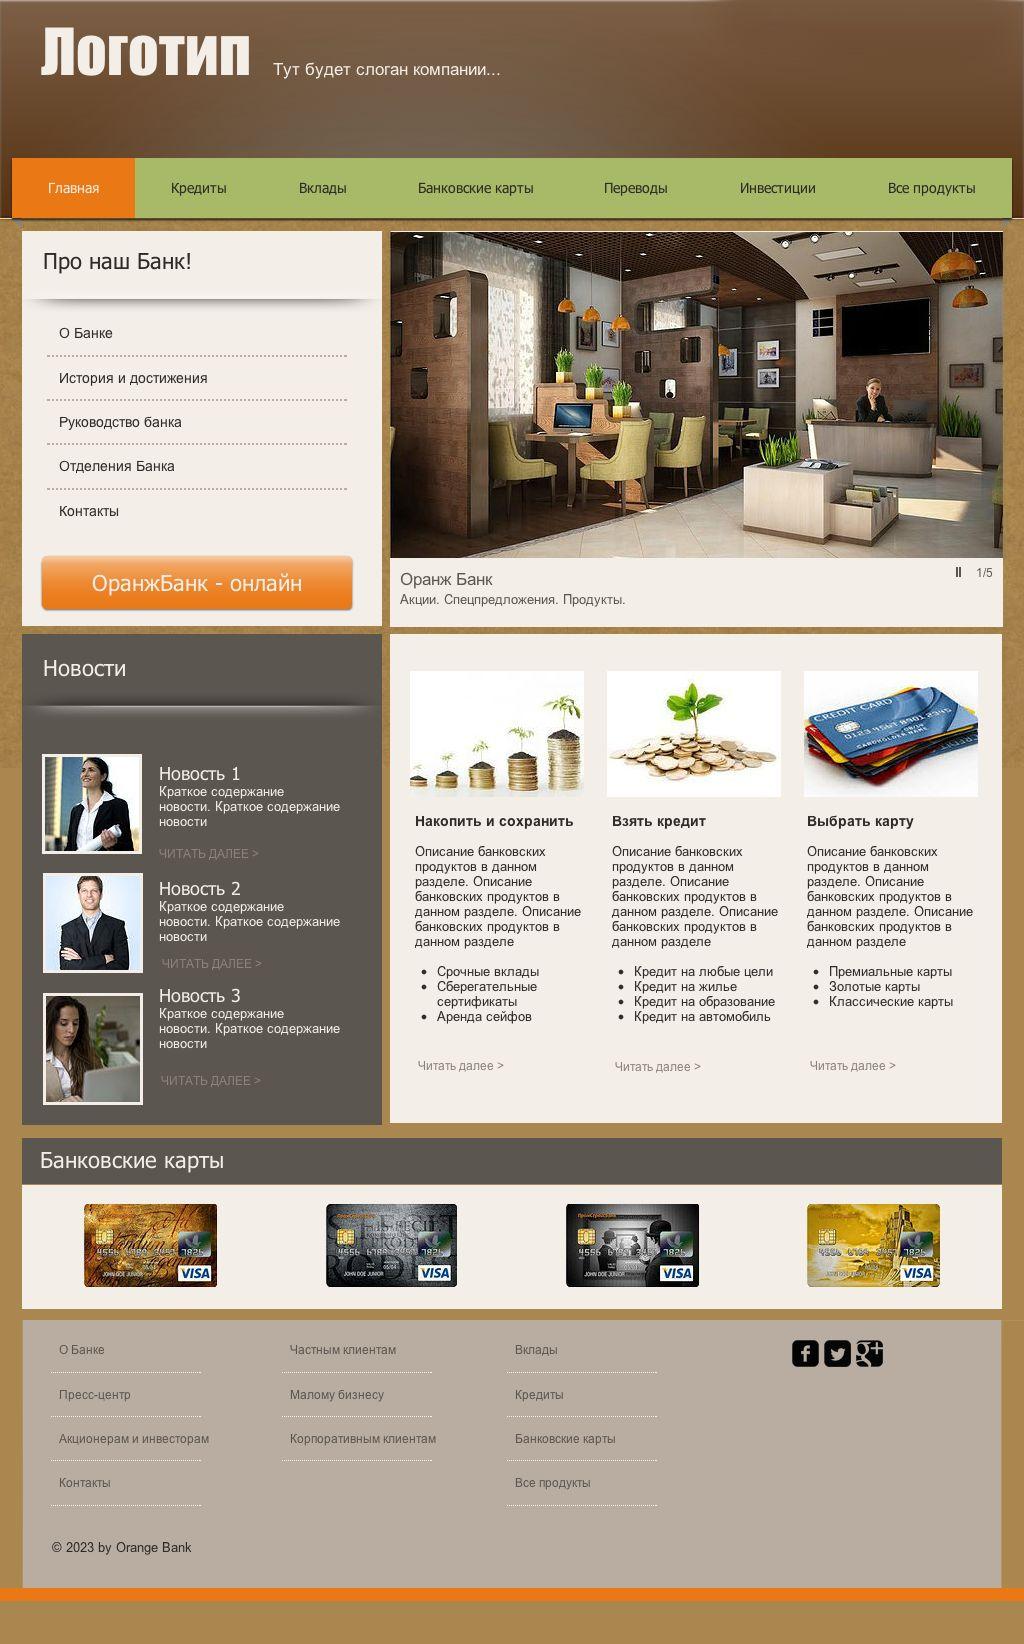 Креативный дизайн Главной страницы Банка - дизайнер vasatryan